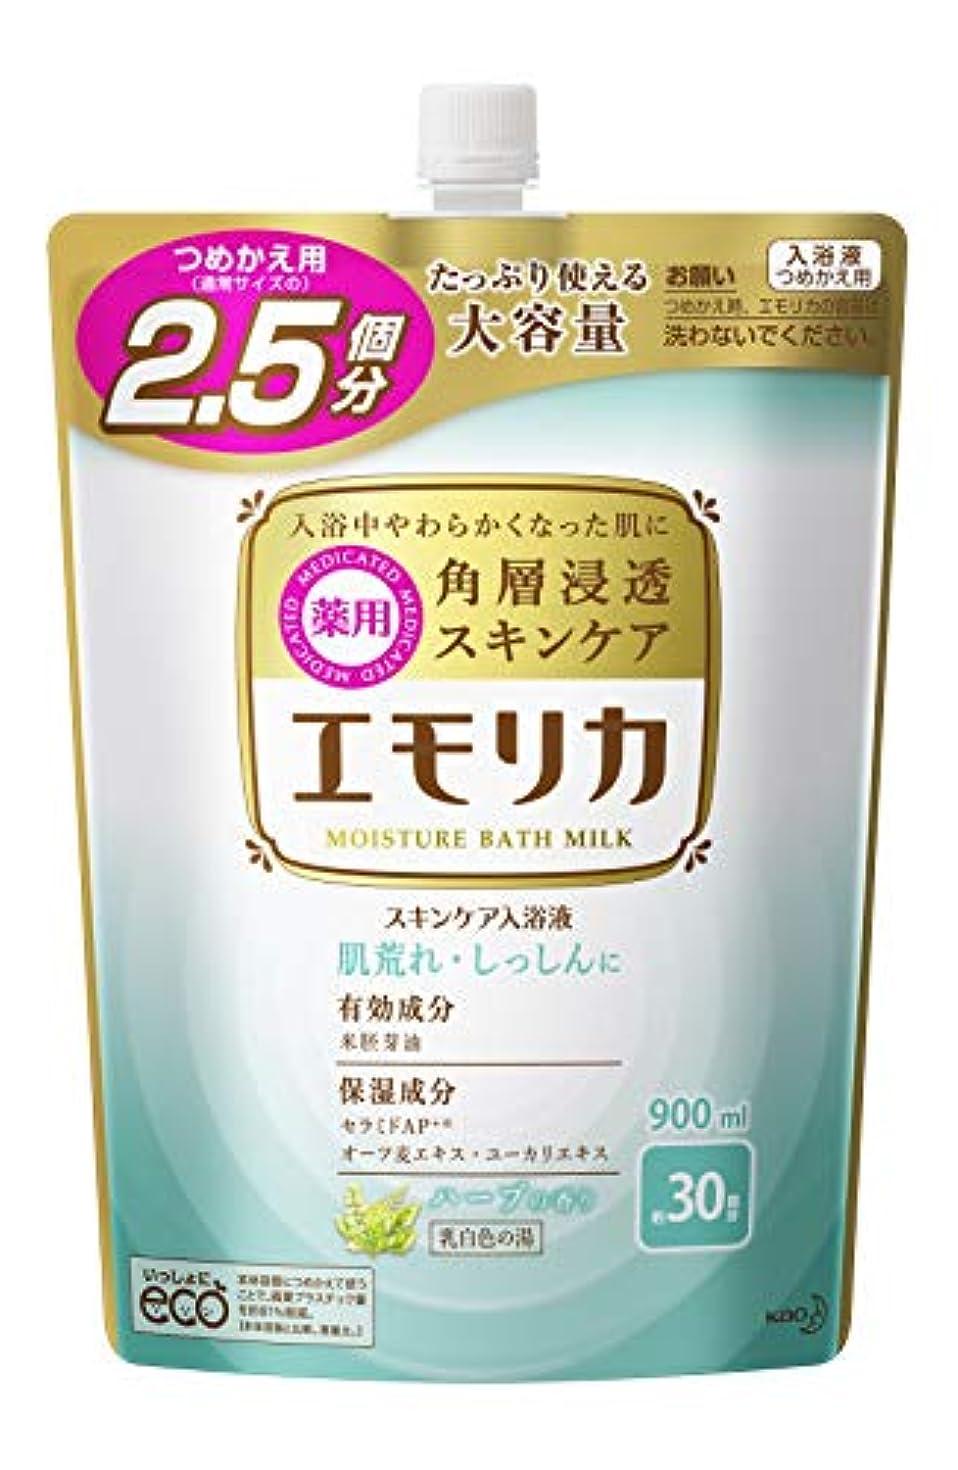 封筒奪う誇り【大容量】エモリカ 薬用スキンケア入浴液 ハーブの香り つめかえ用900ml 液体 入浴剤 (赤ちゃんにも使えます)